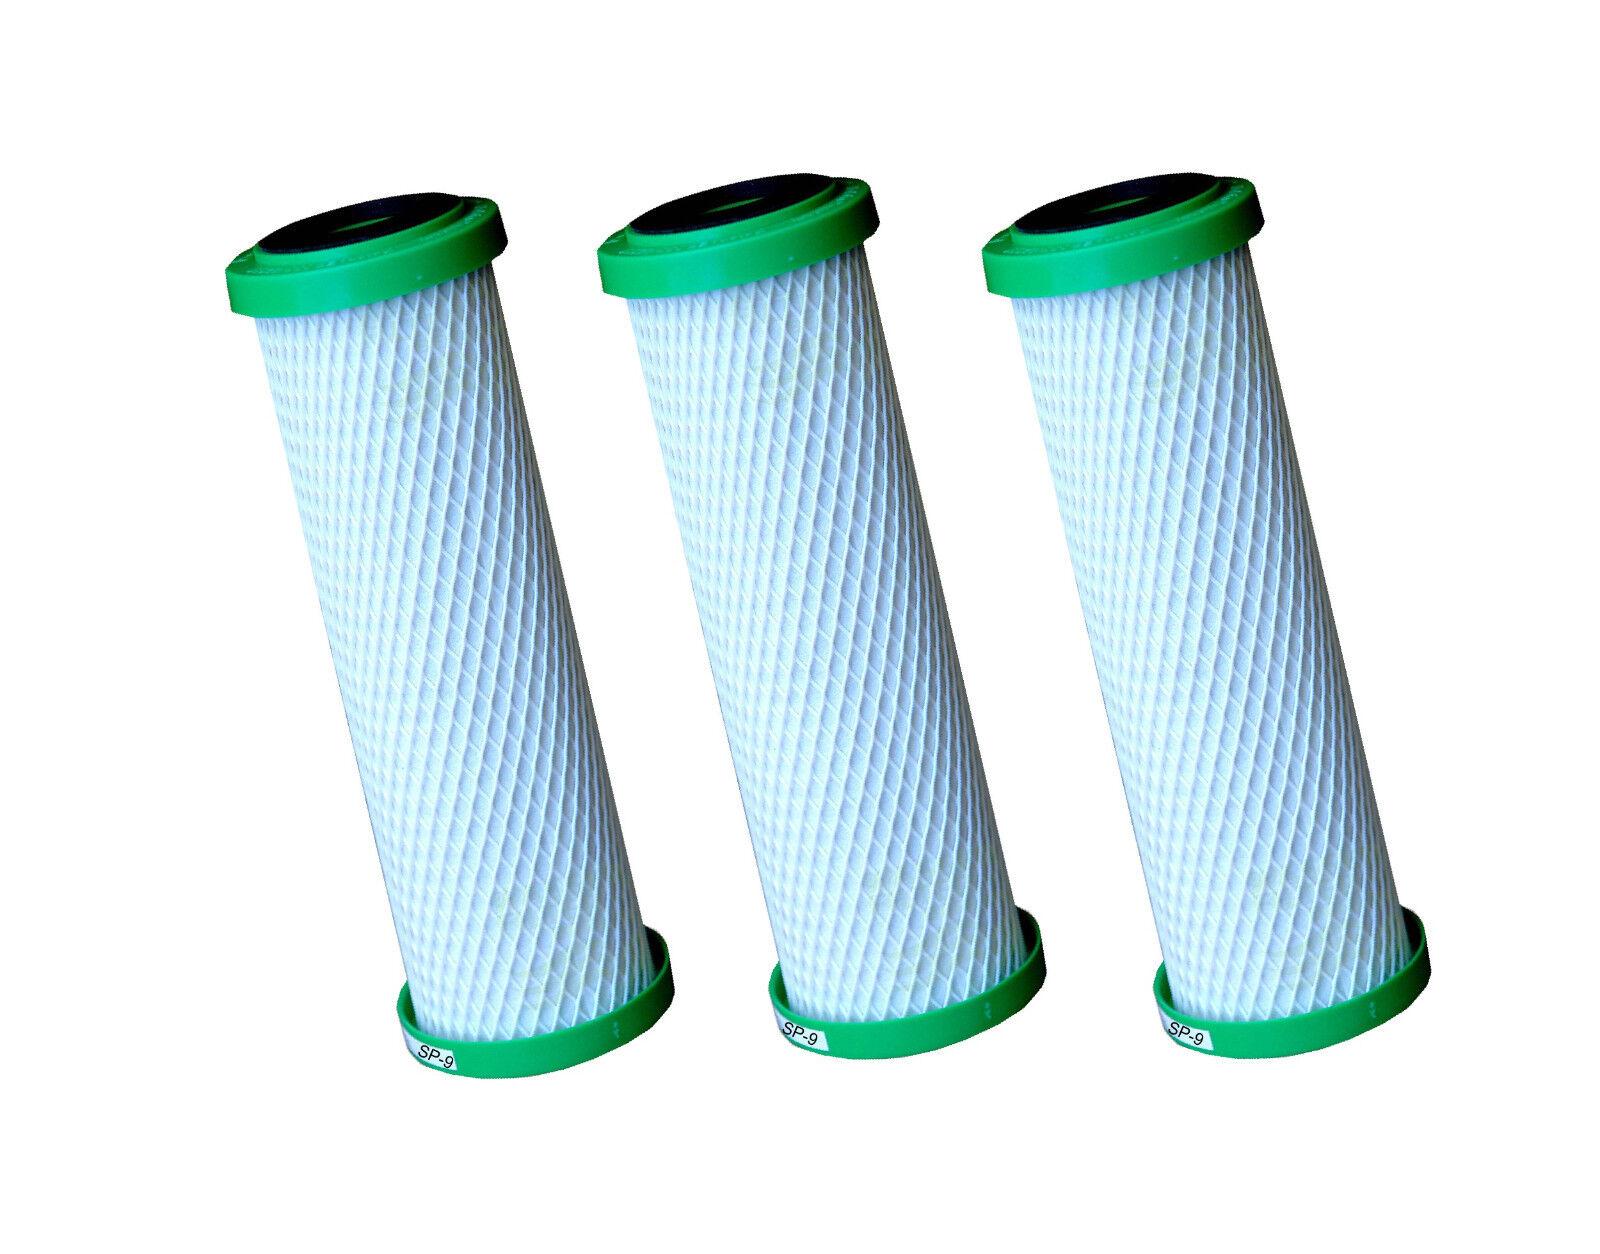 3 x statistico Spécial - 9 Filtres de Rechange Filtre à eau de CARBONIT pour SANUNO DUO